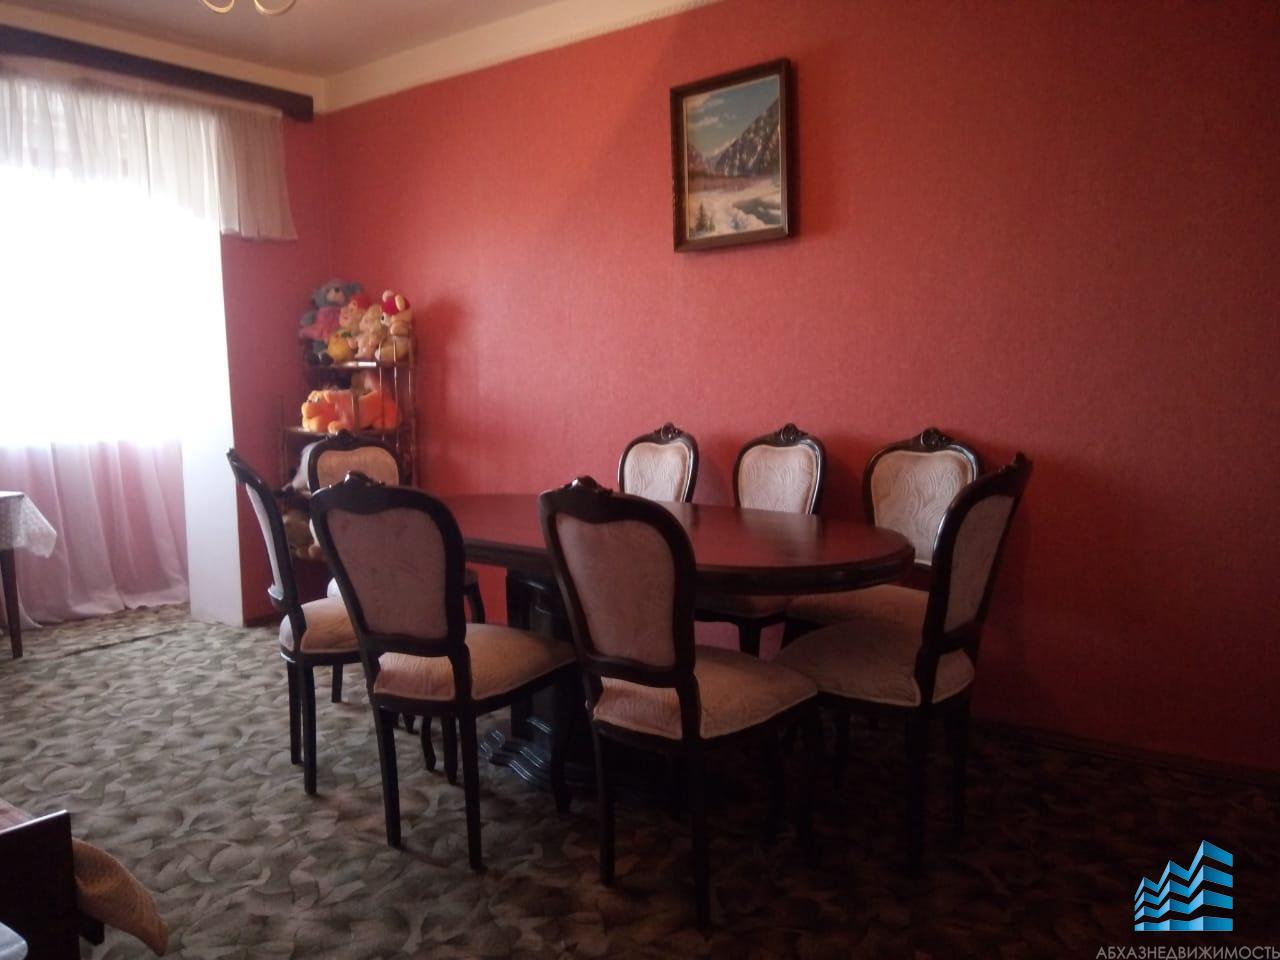 3-комнатная квартира в центре Сухума в аренду за 15 тыс.руб